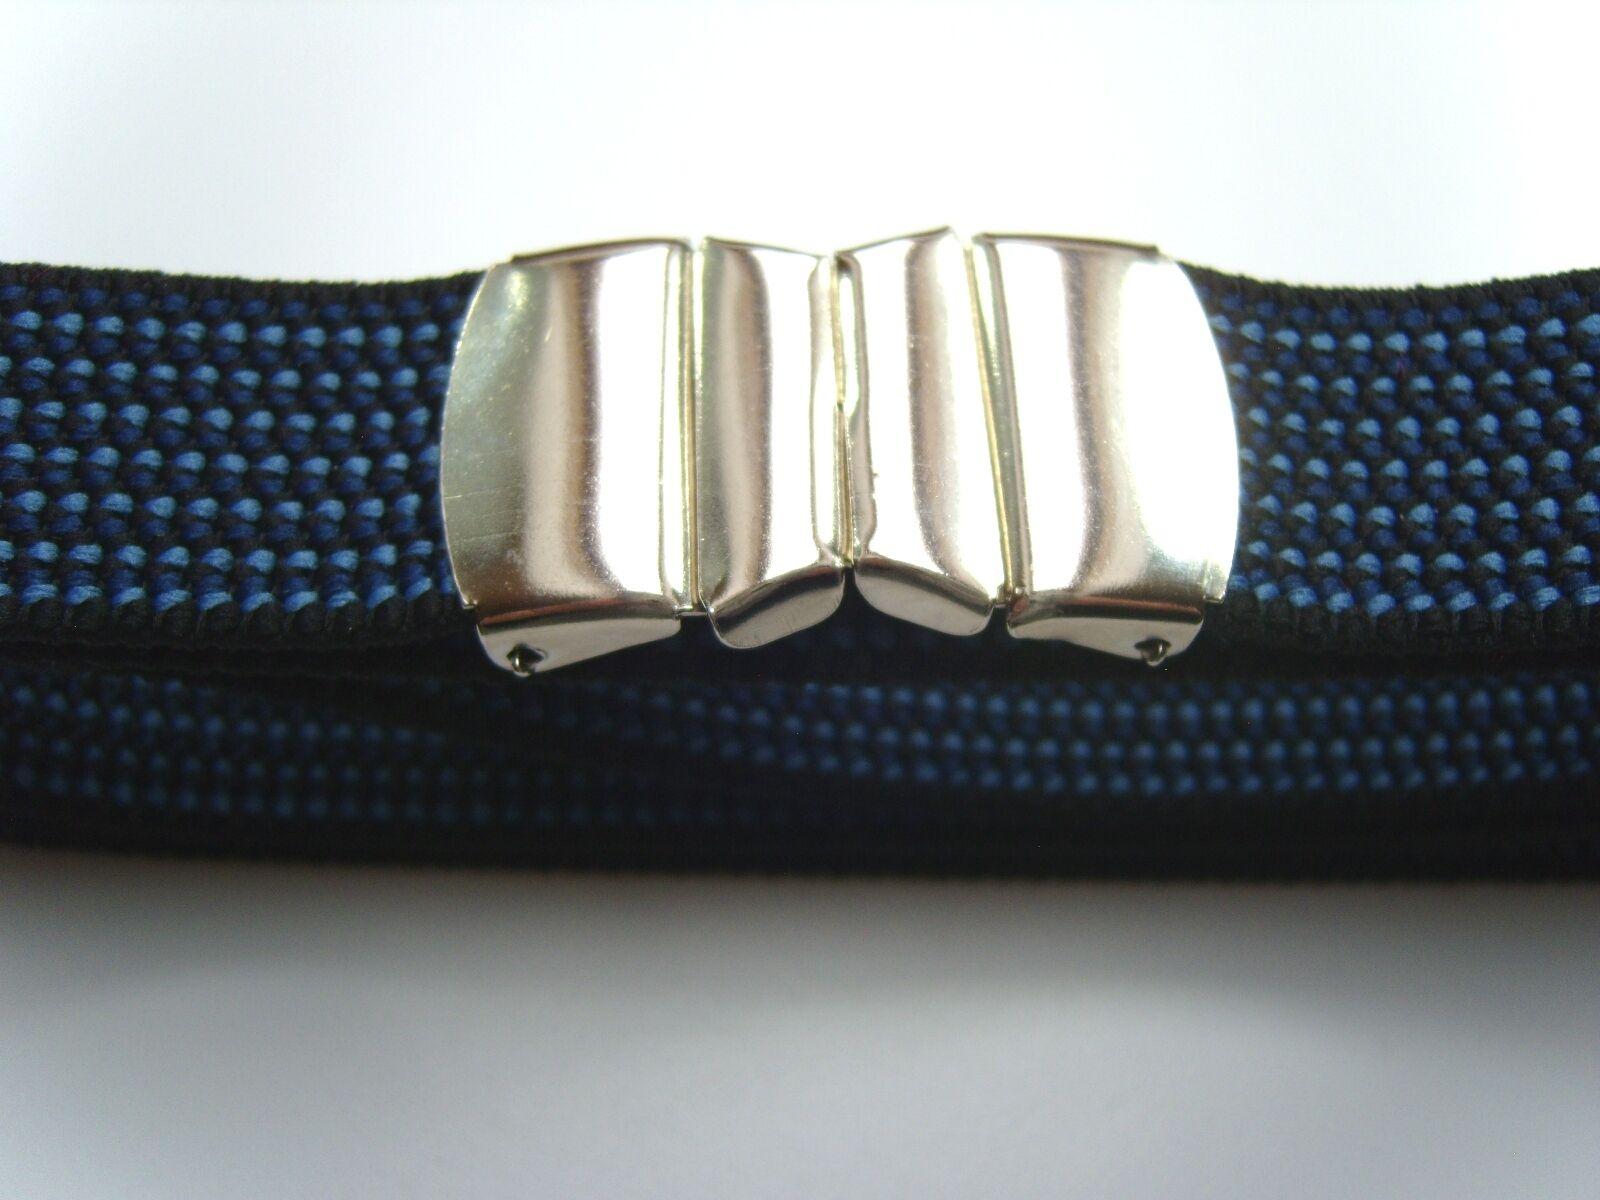 Elastikgürtel,Schnellverschluß,Stretchgürtel,elastischer Gürtel,160cm lang,3cmbr